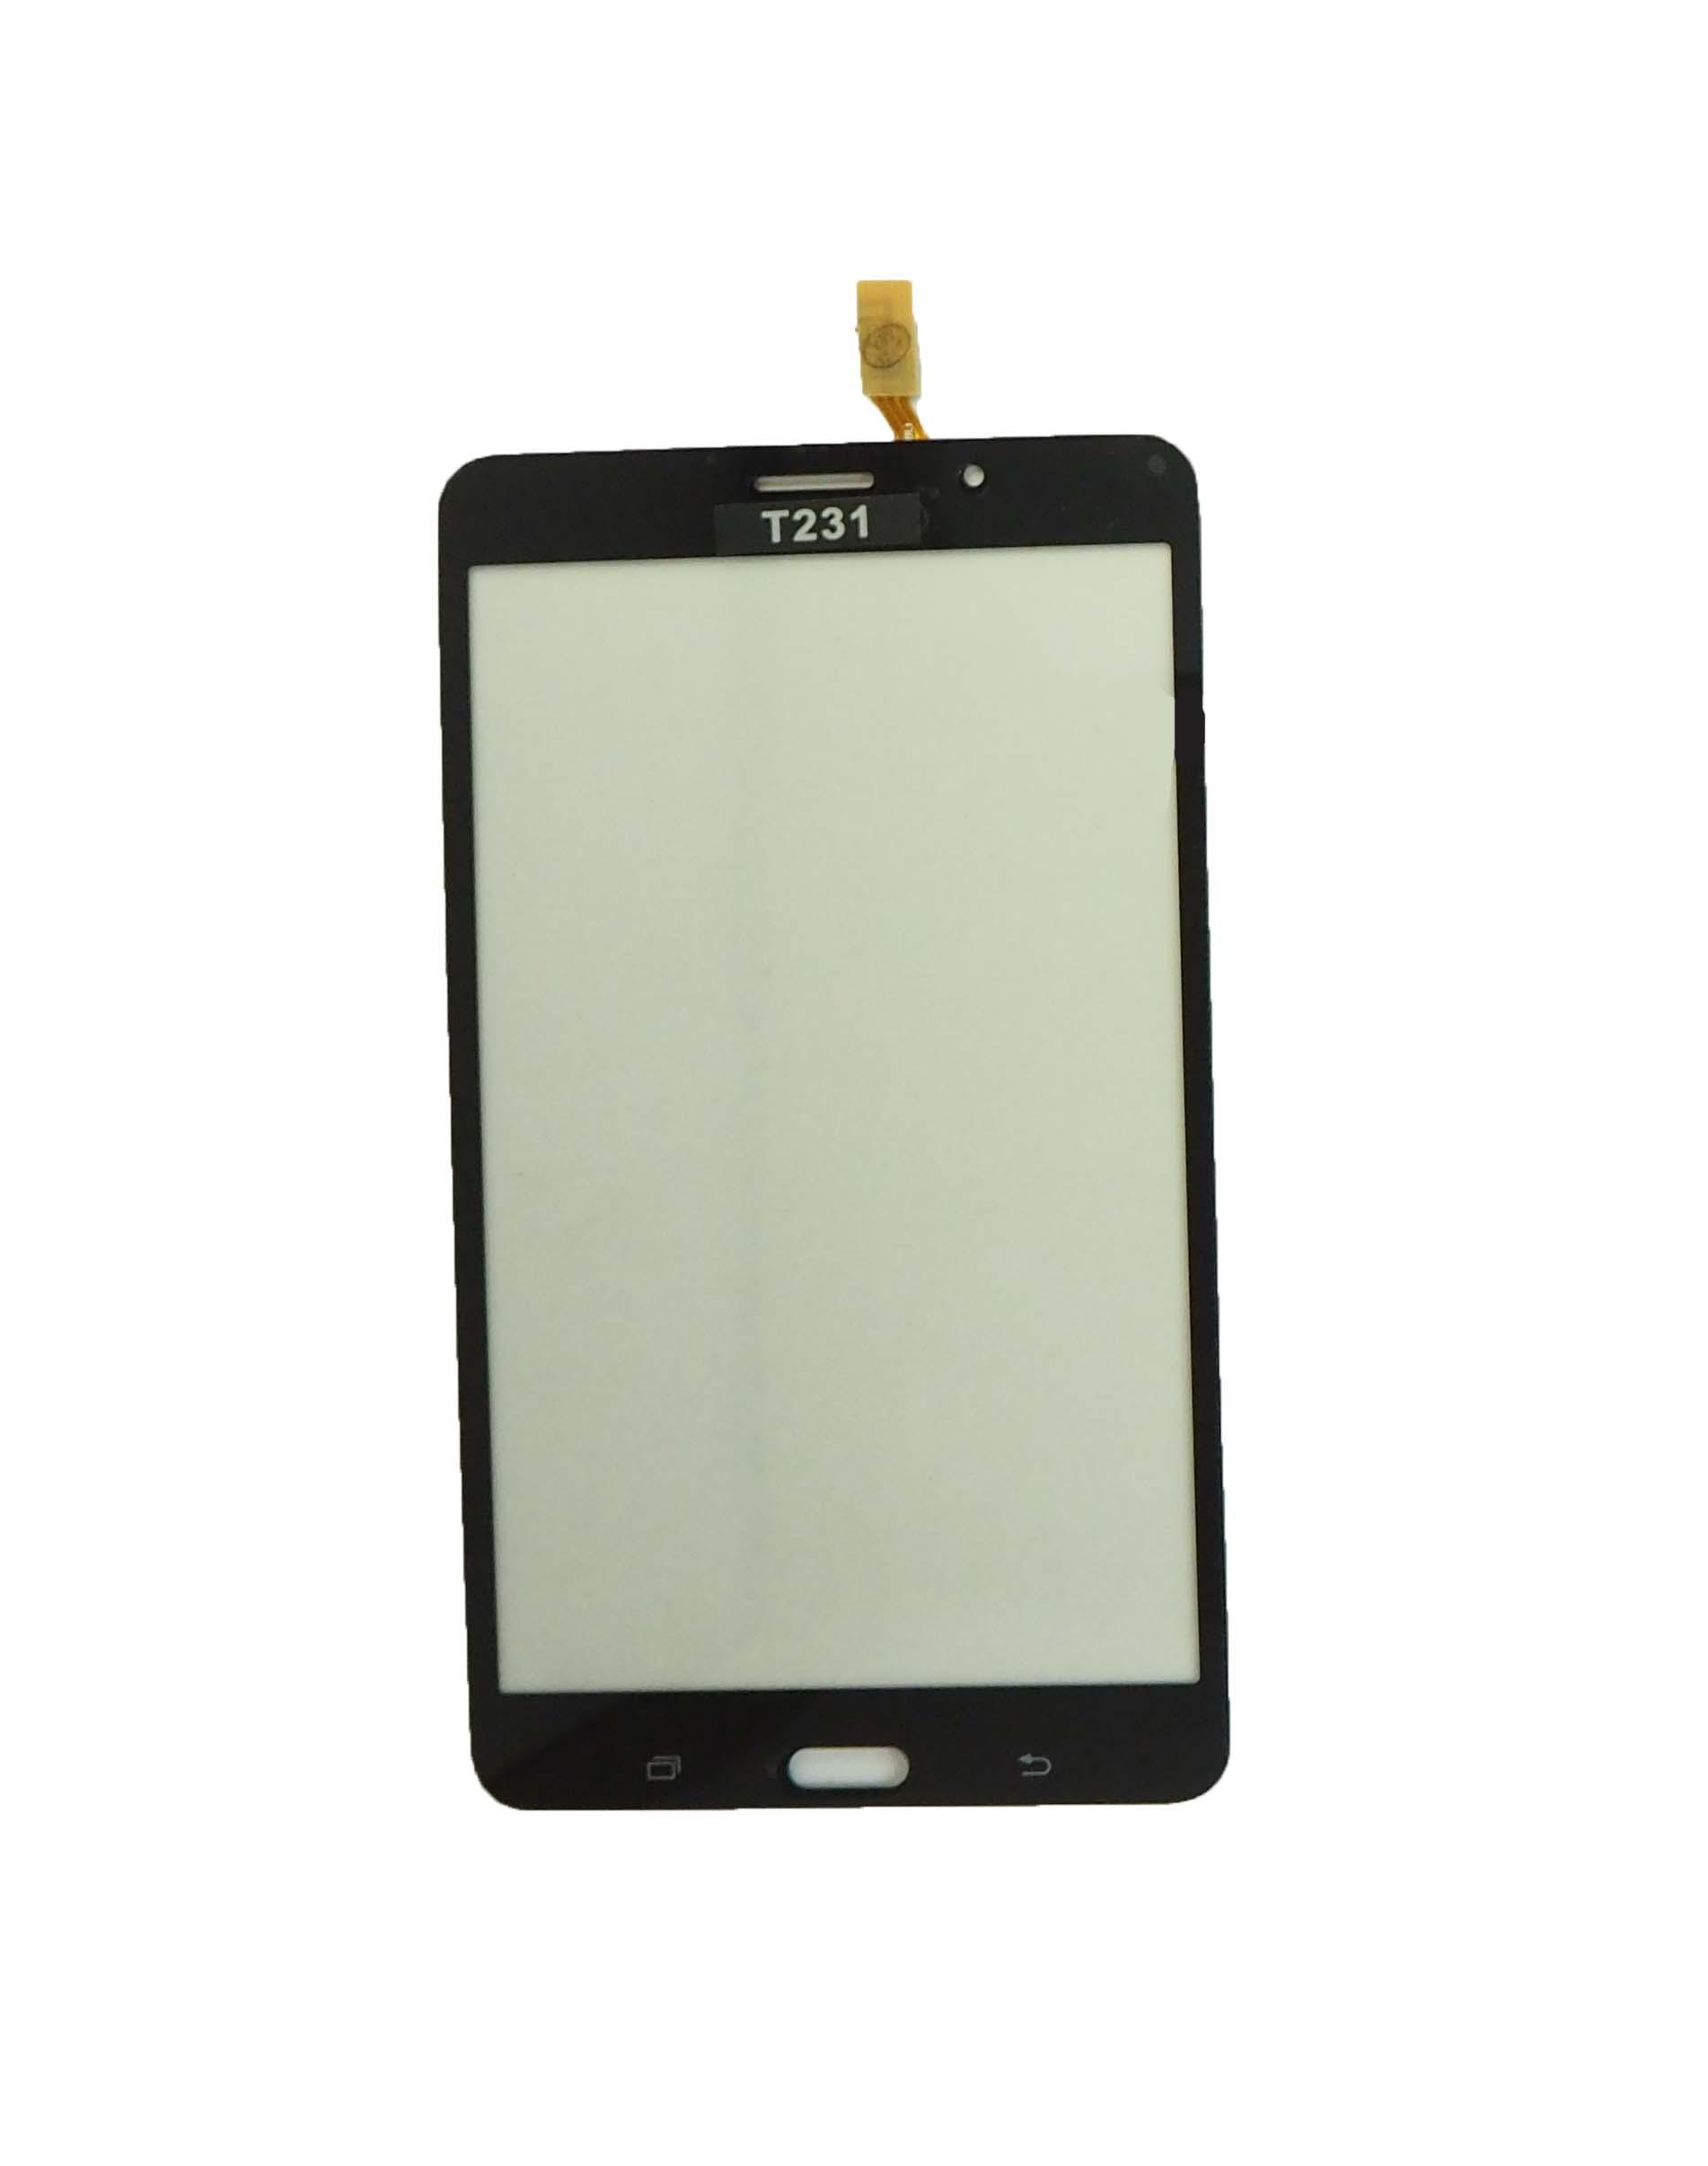 เปลี่ยนทัสกรีน Samsung Galaxy TAB 4 (T231) กระจกหน้าจอแตก ทัสกรีนกดไม่ได้